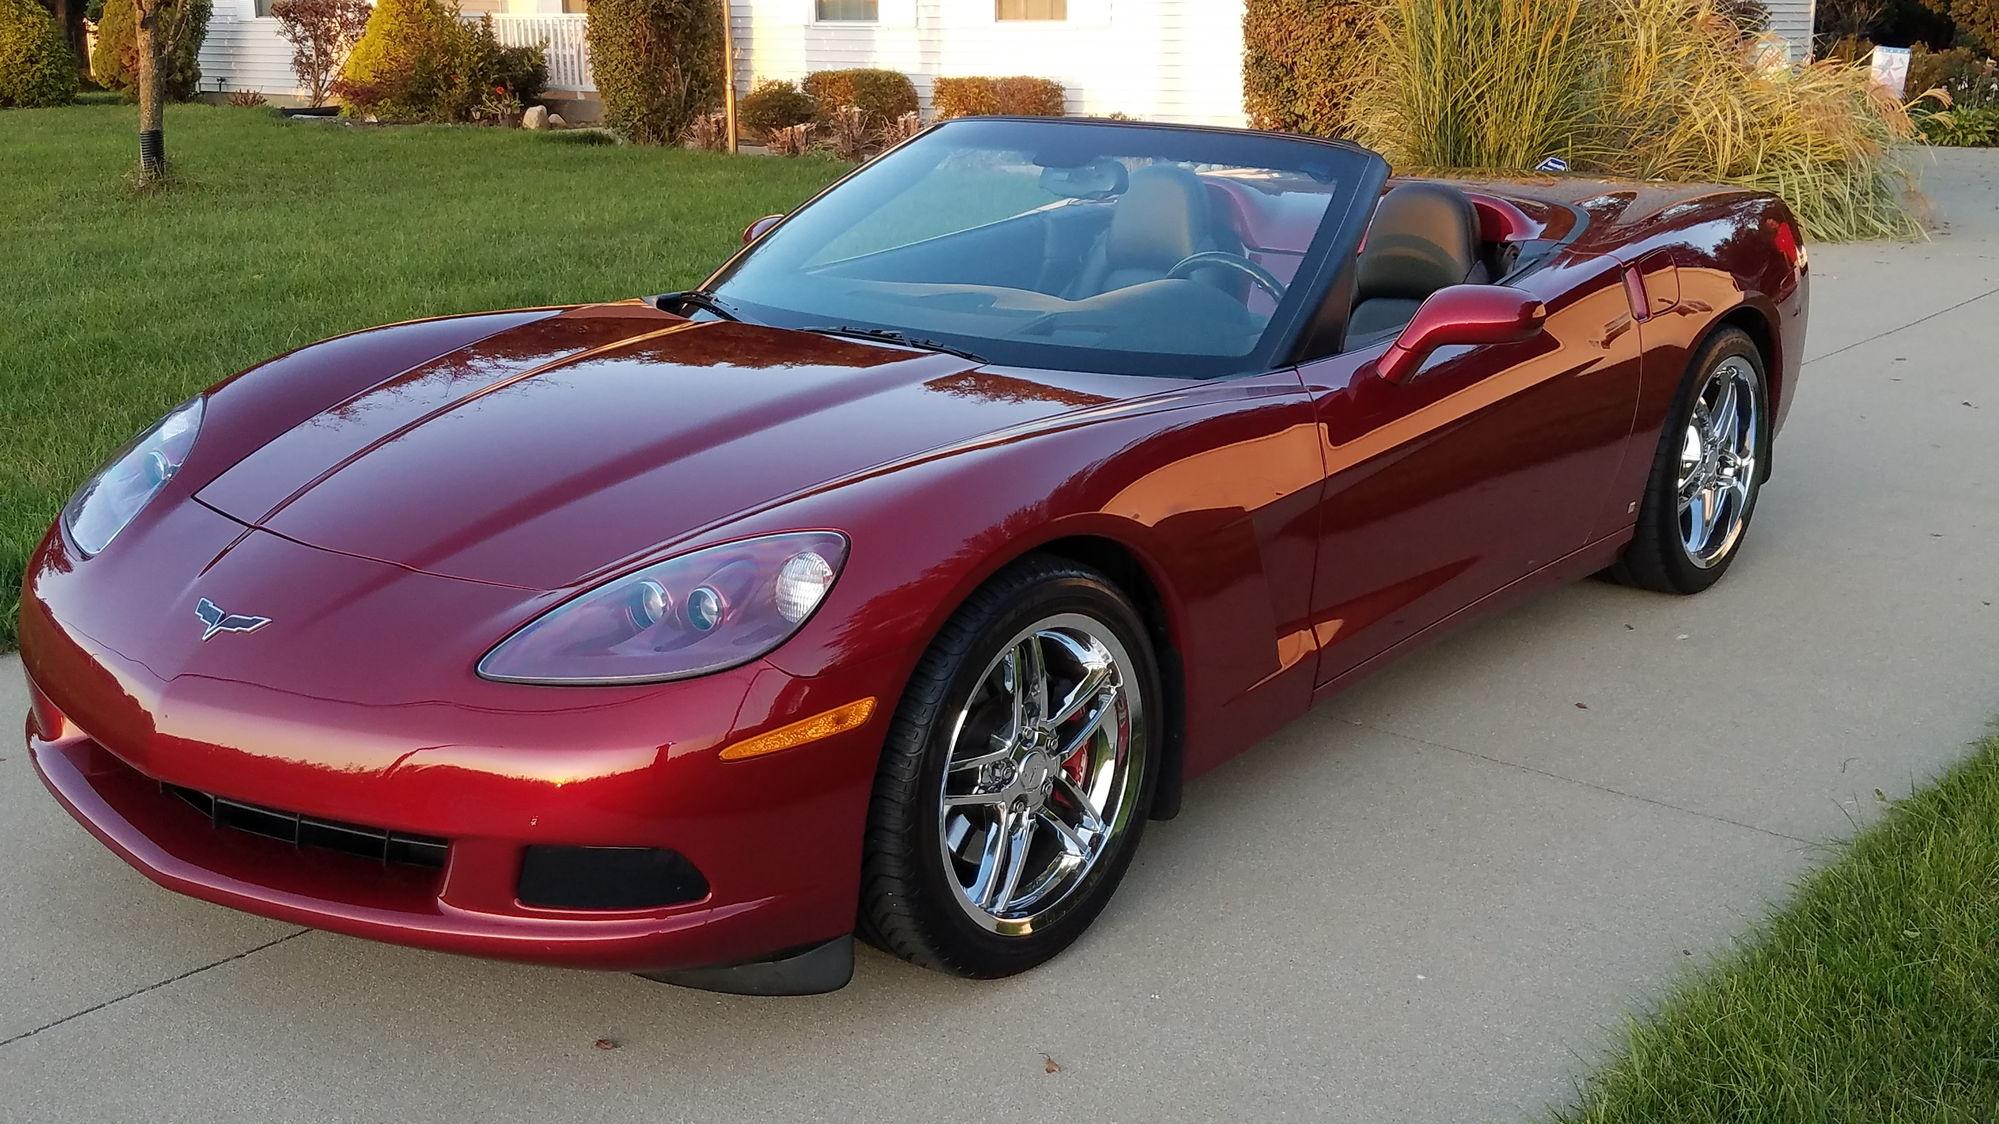 Fs For Sale 2006 Corvette Convertible Professionally